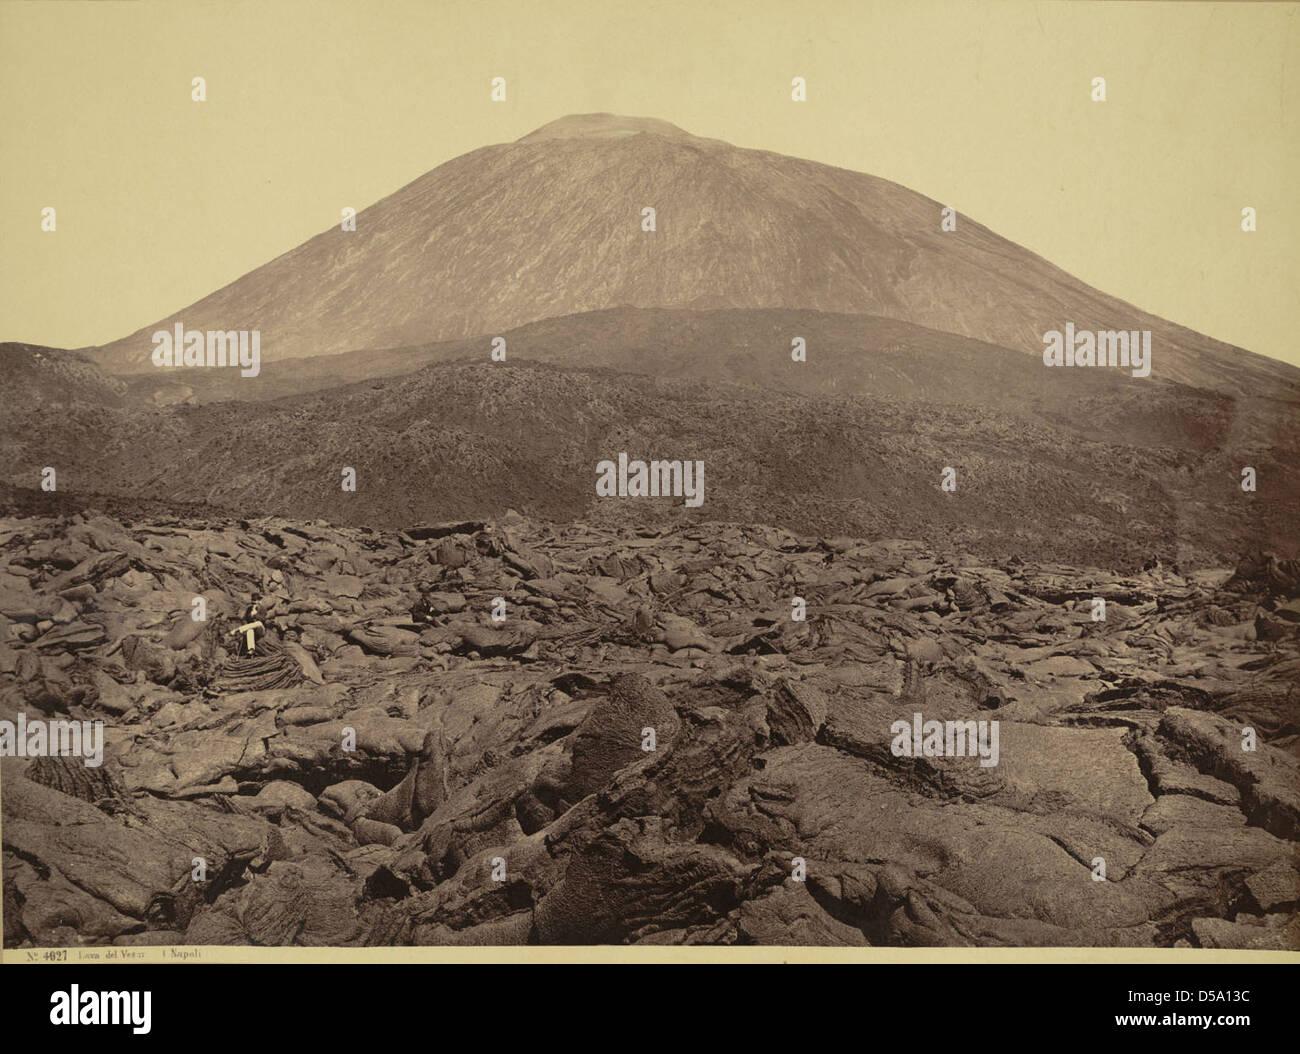 Lava Field and Mount Vesuvius Stock Photo